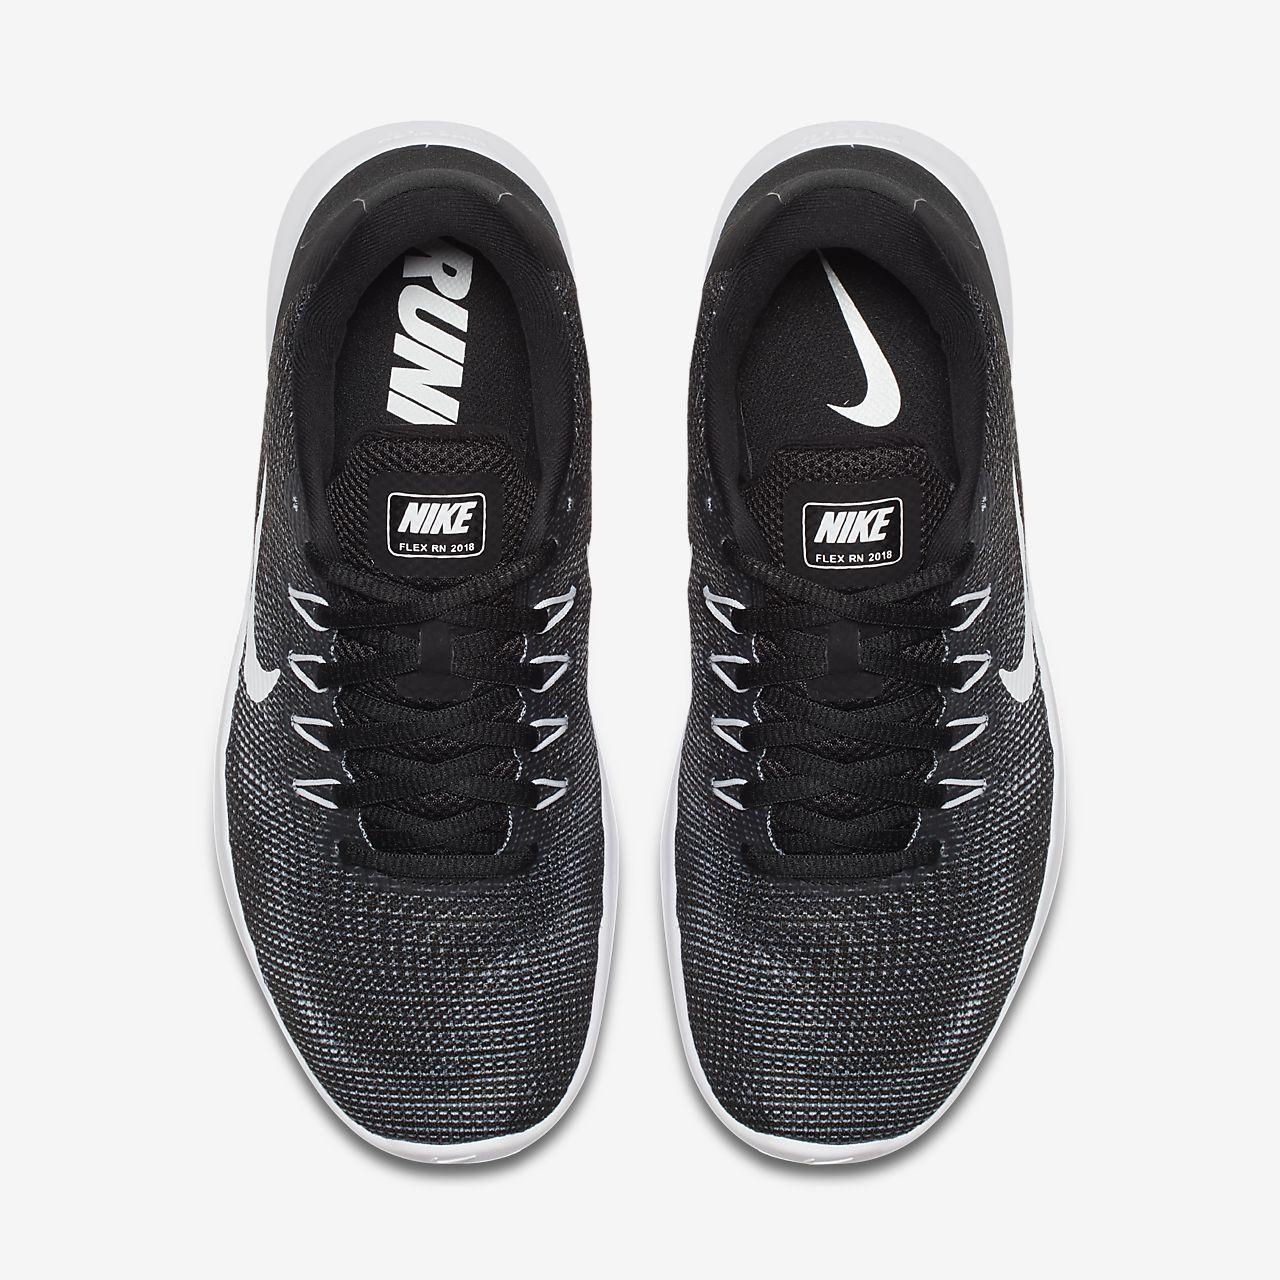 check out 38567 1de19 ... Löparsko Nike Flex RN 2018 för kvinnor